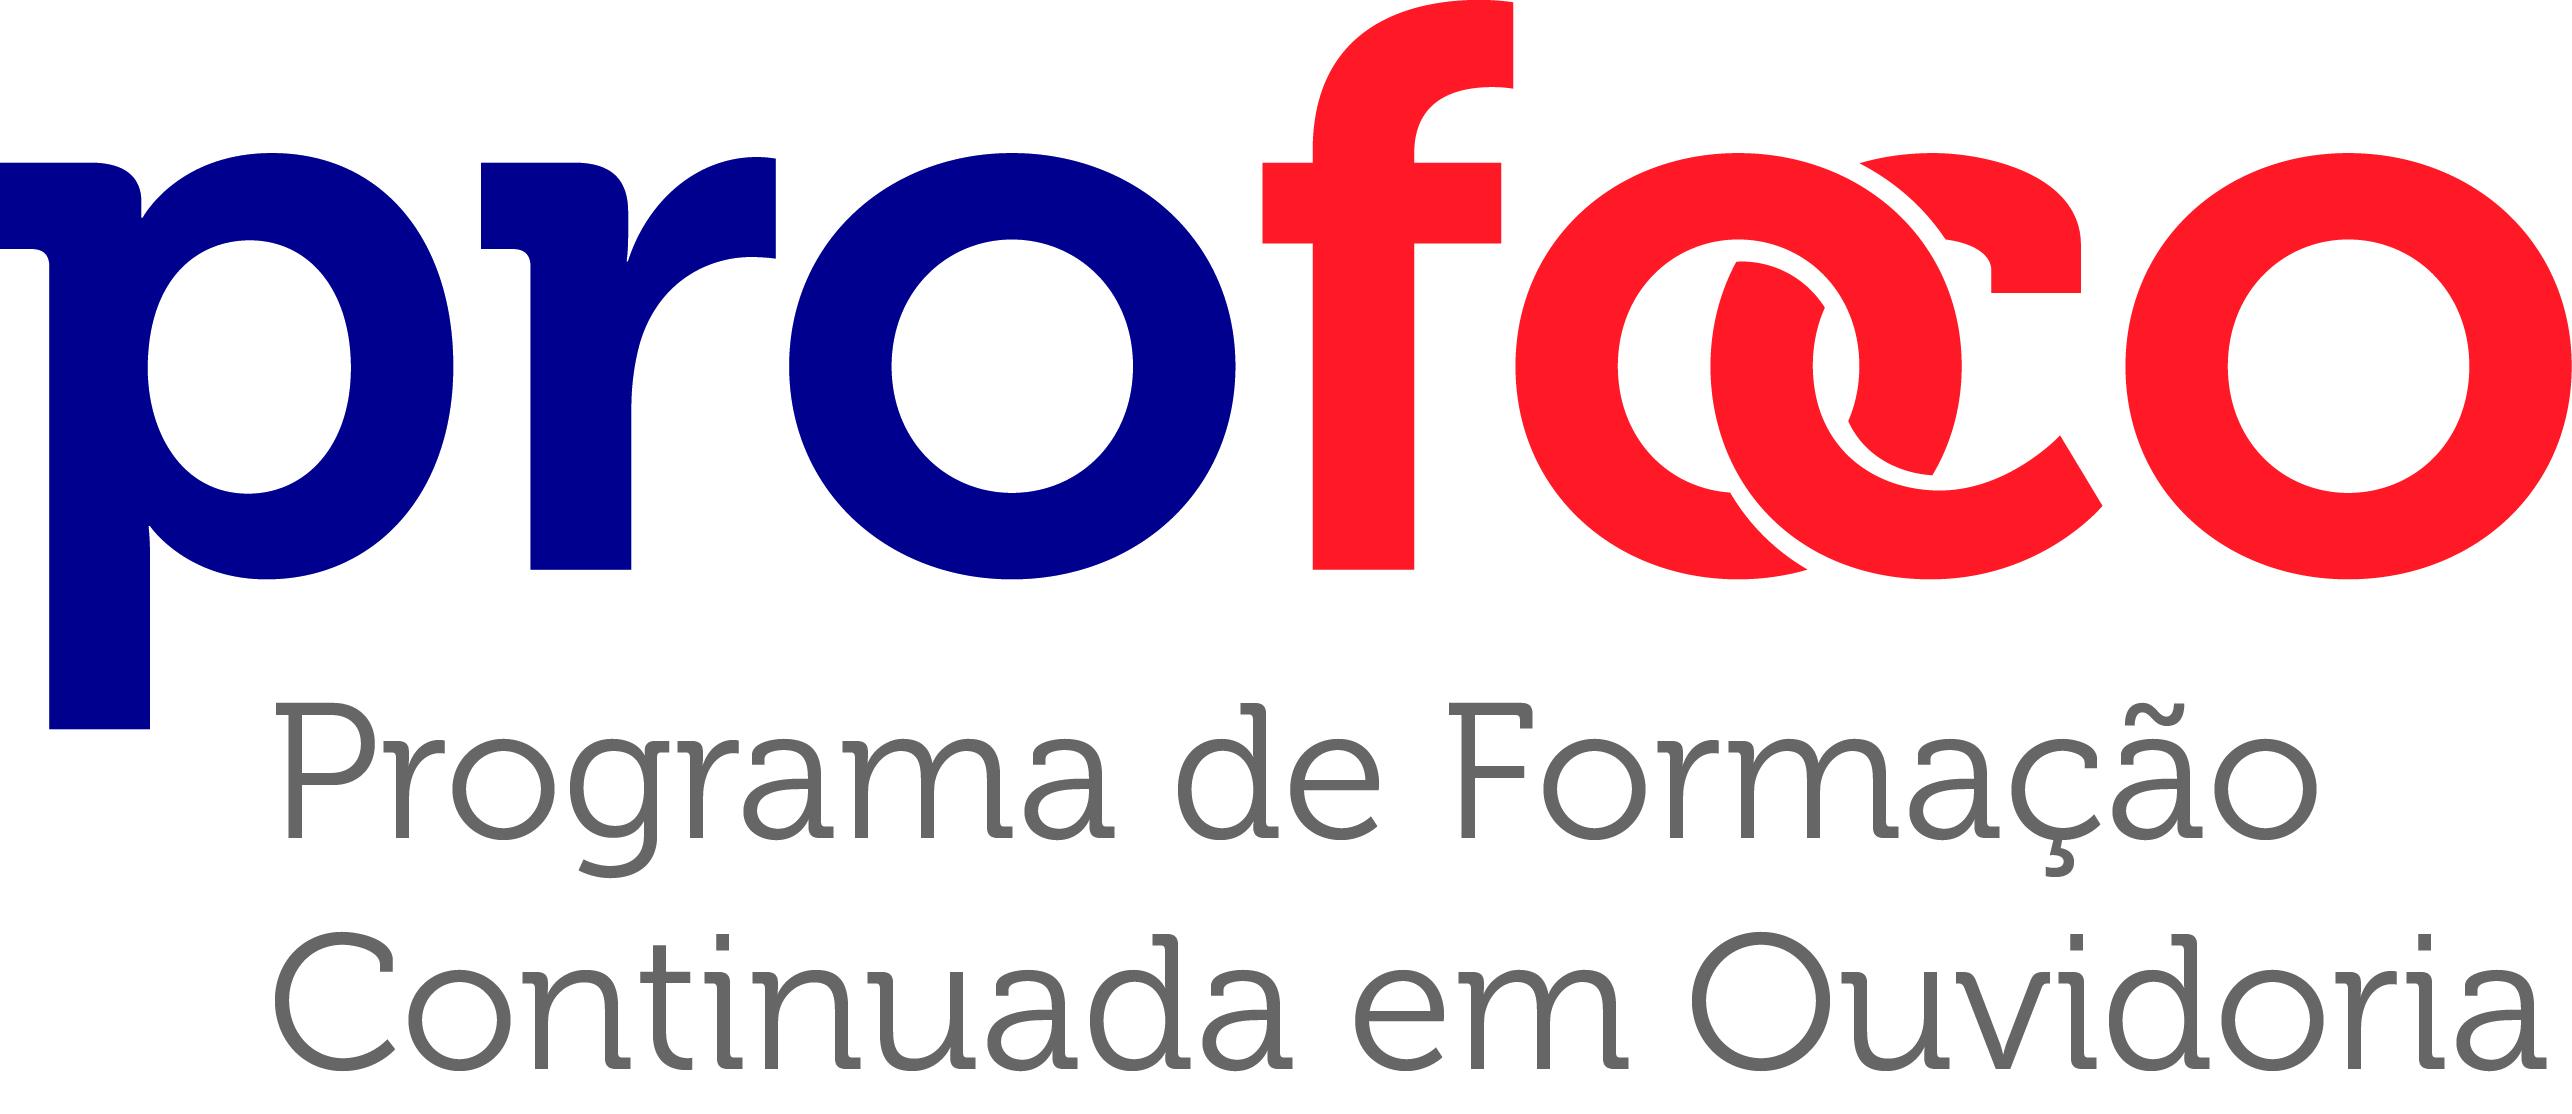 Curso Tratamento de Denúncias em Ouvidorias, no período de 04 a 06 de junho de 2019, em Porto Velho/RO